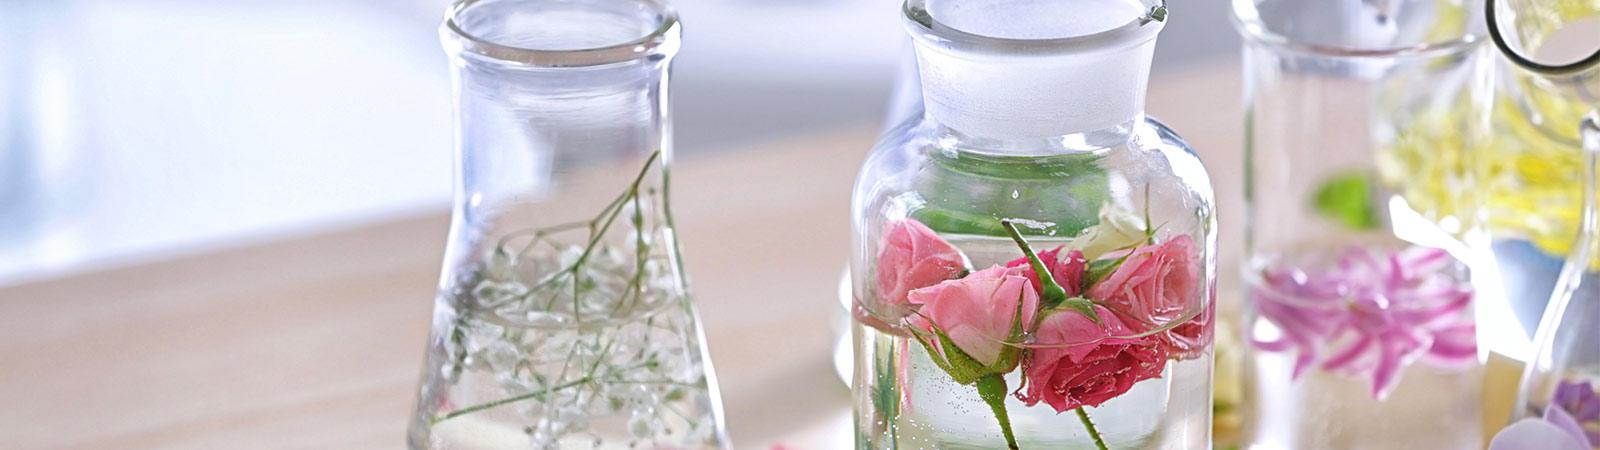 Eaux florales, Huiles végétales